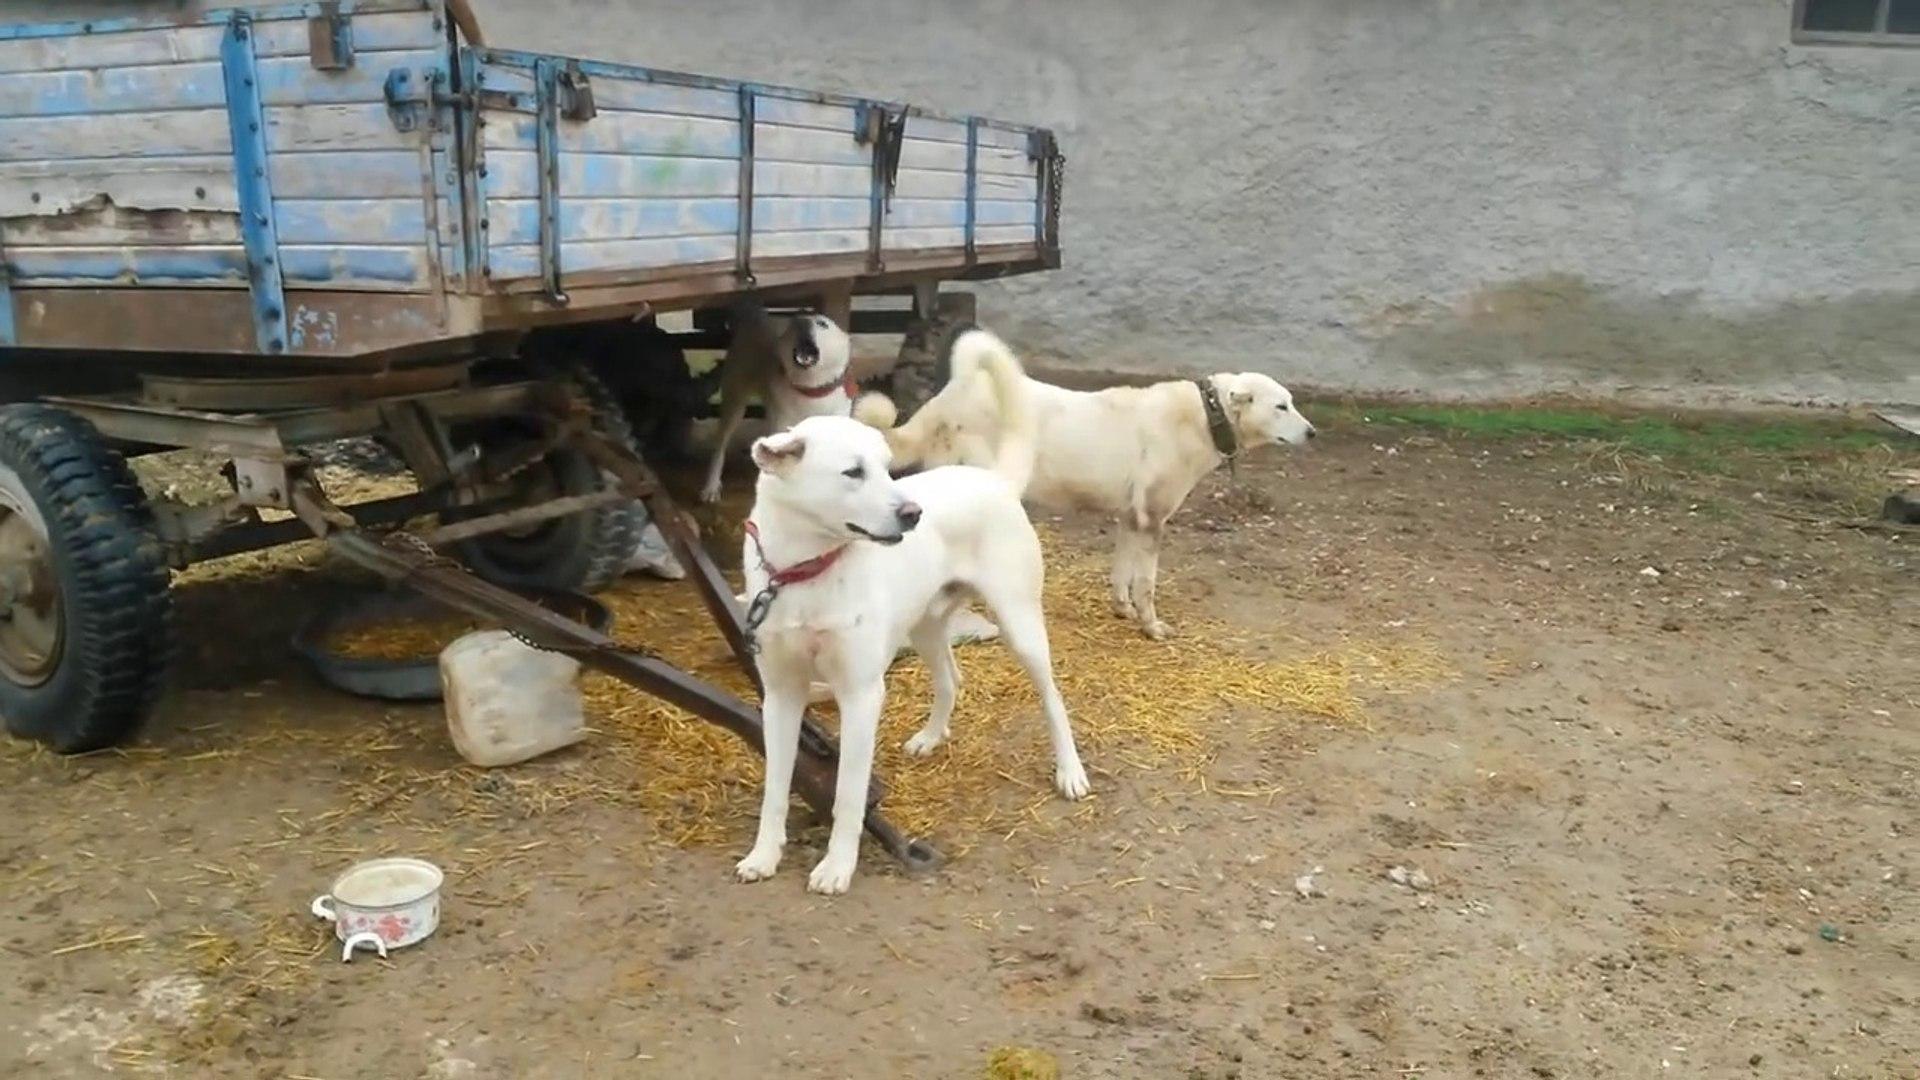 ADAMCI AKBAS COBAN KOPEKLERi AMAN VERMiYOR - ANGRY ANATOLiAN SHEPHERD AKBASH DOGS